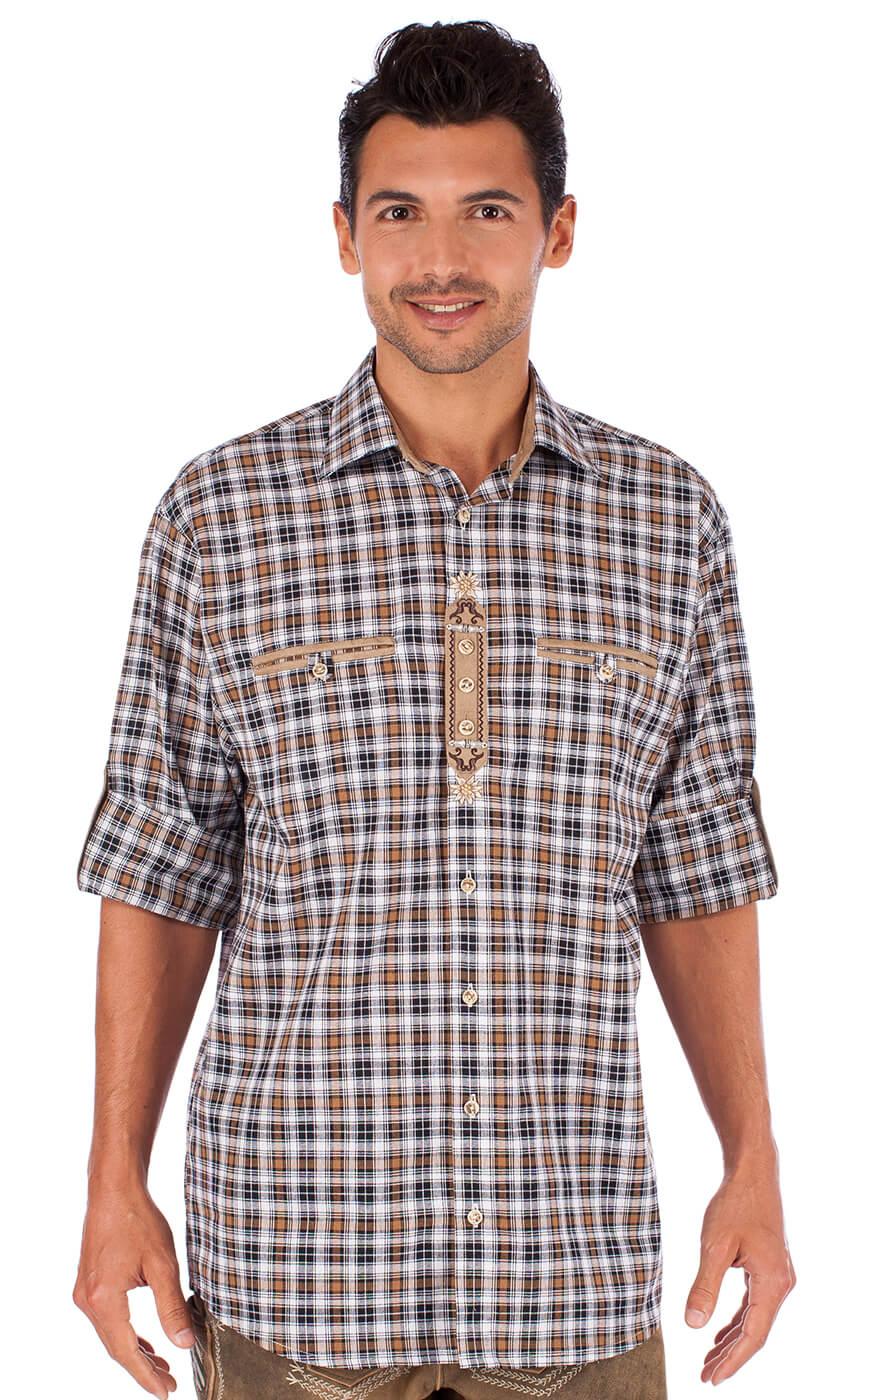 Trachtenhemd braun schwarz von OS-Trachten